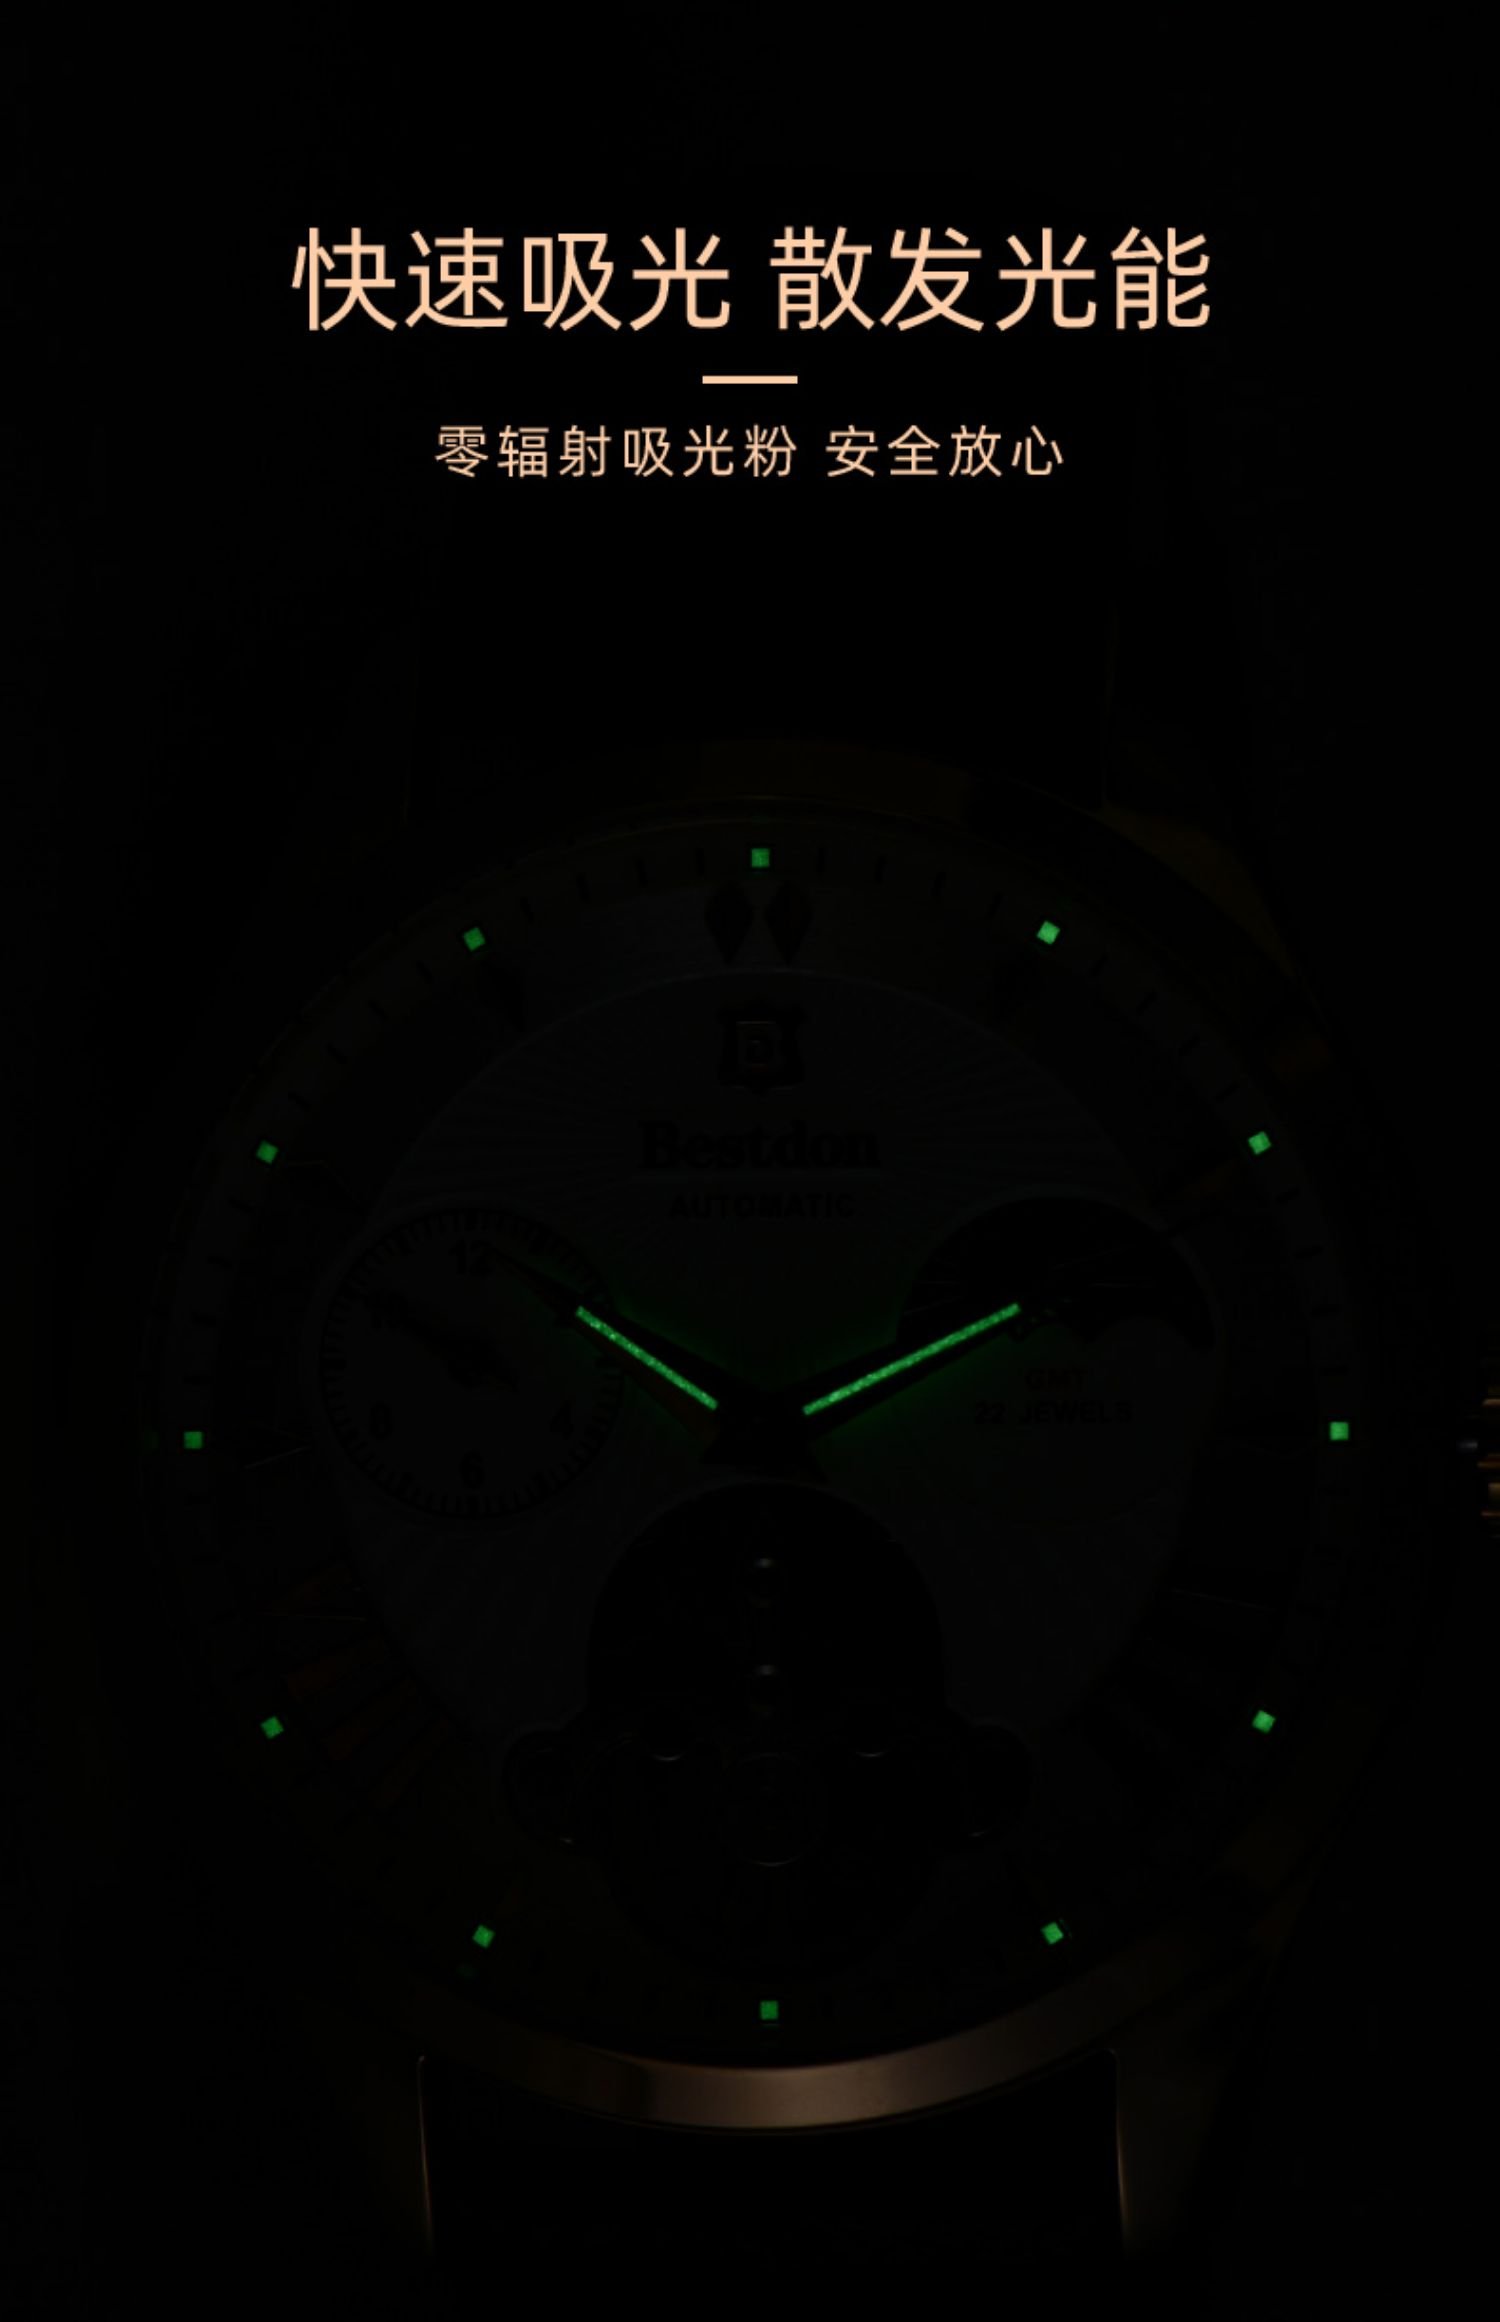 邦顿手表男士机械表男表潮全自动镂空皮带黑科技国产腕表2019新款商品详情图